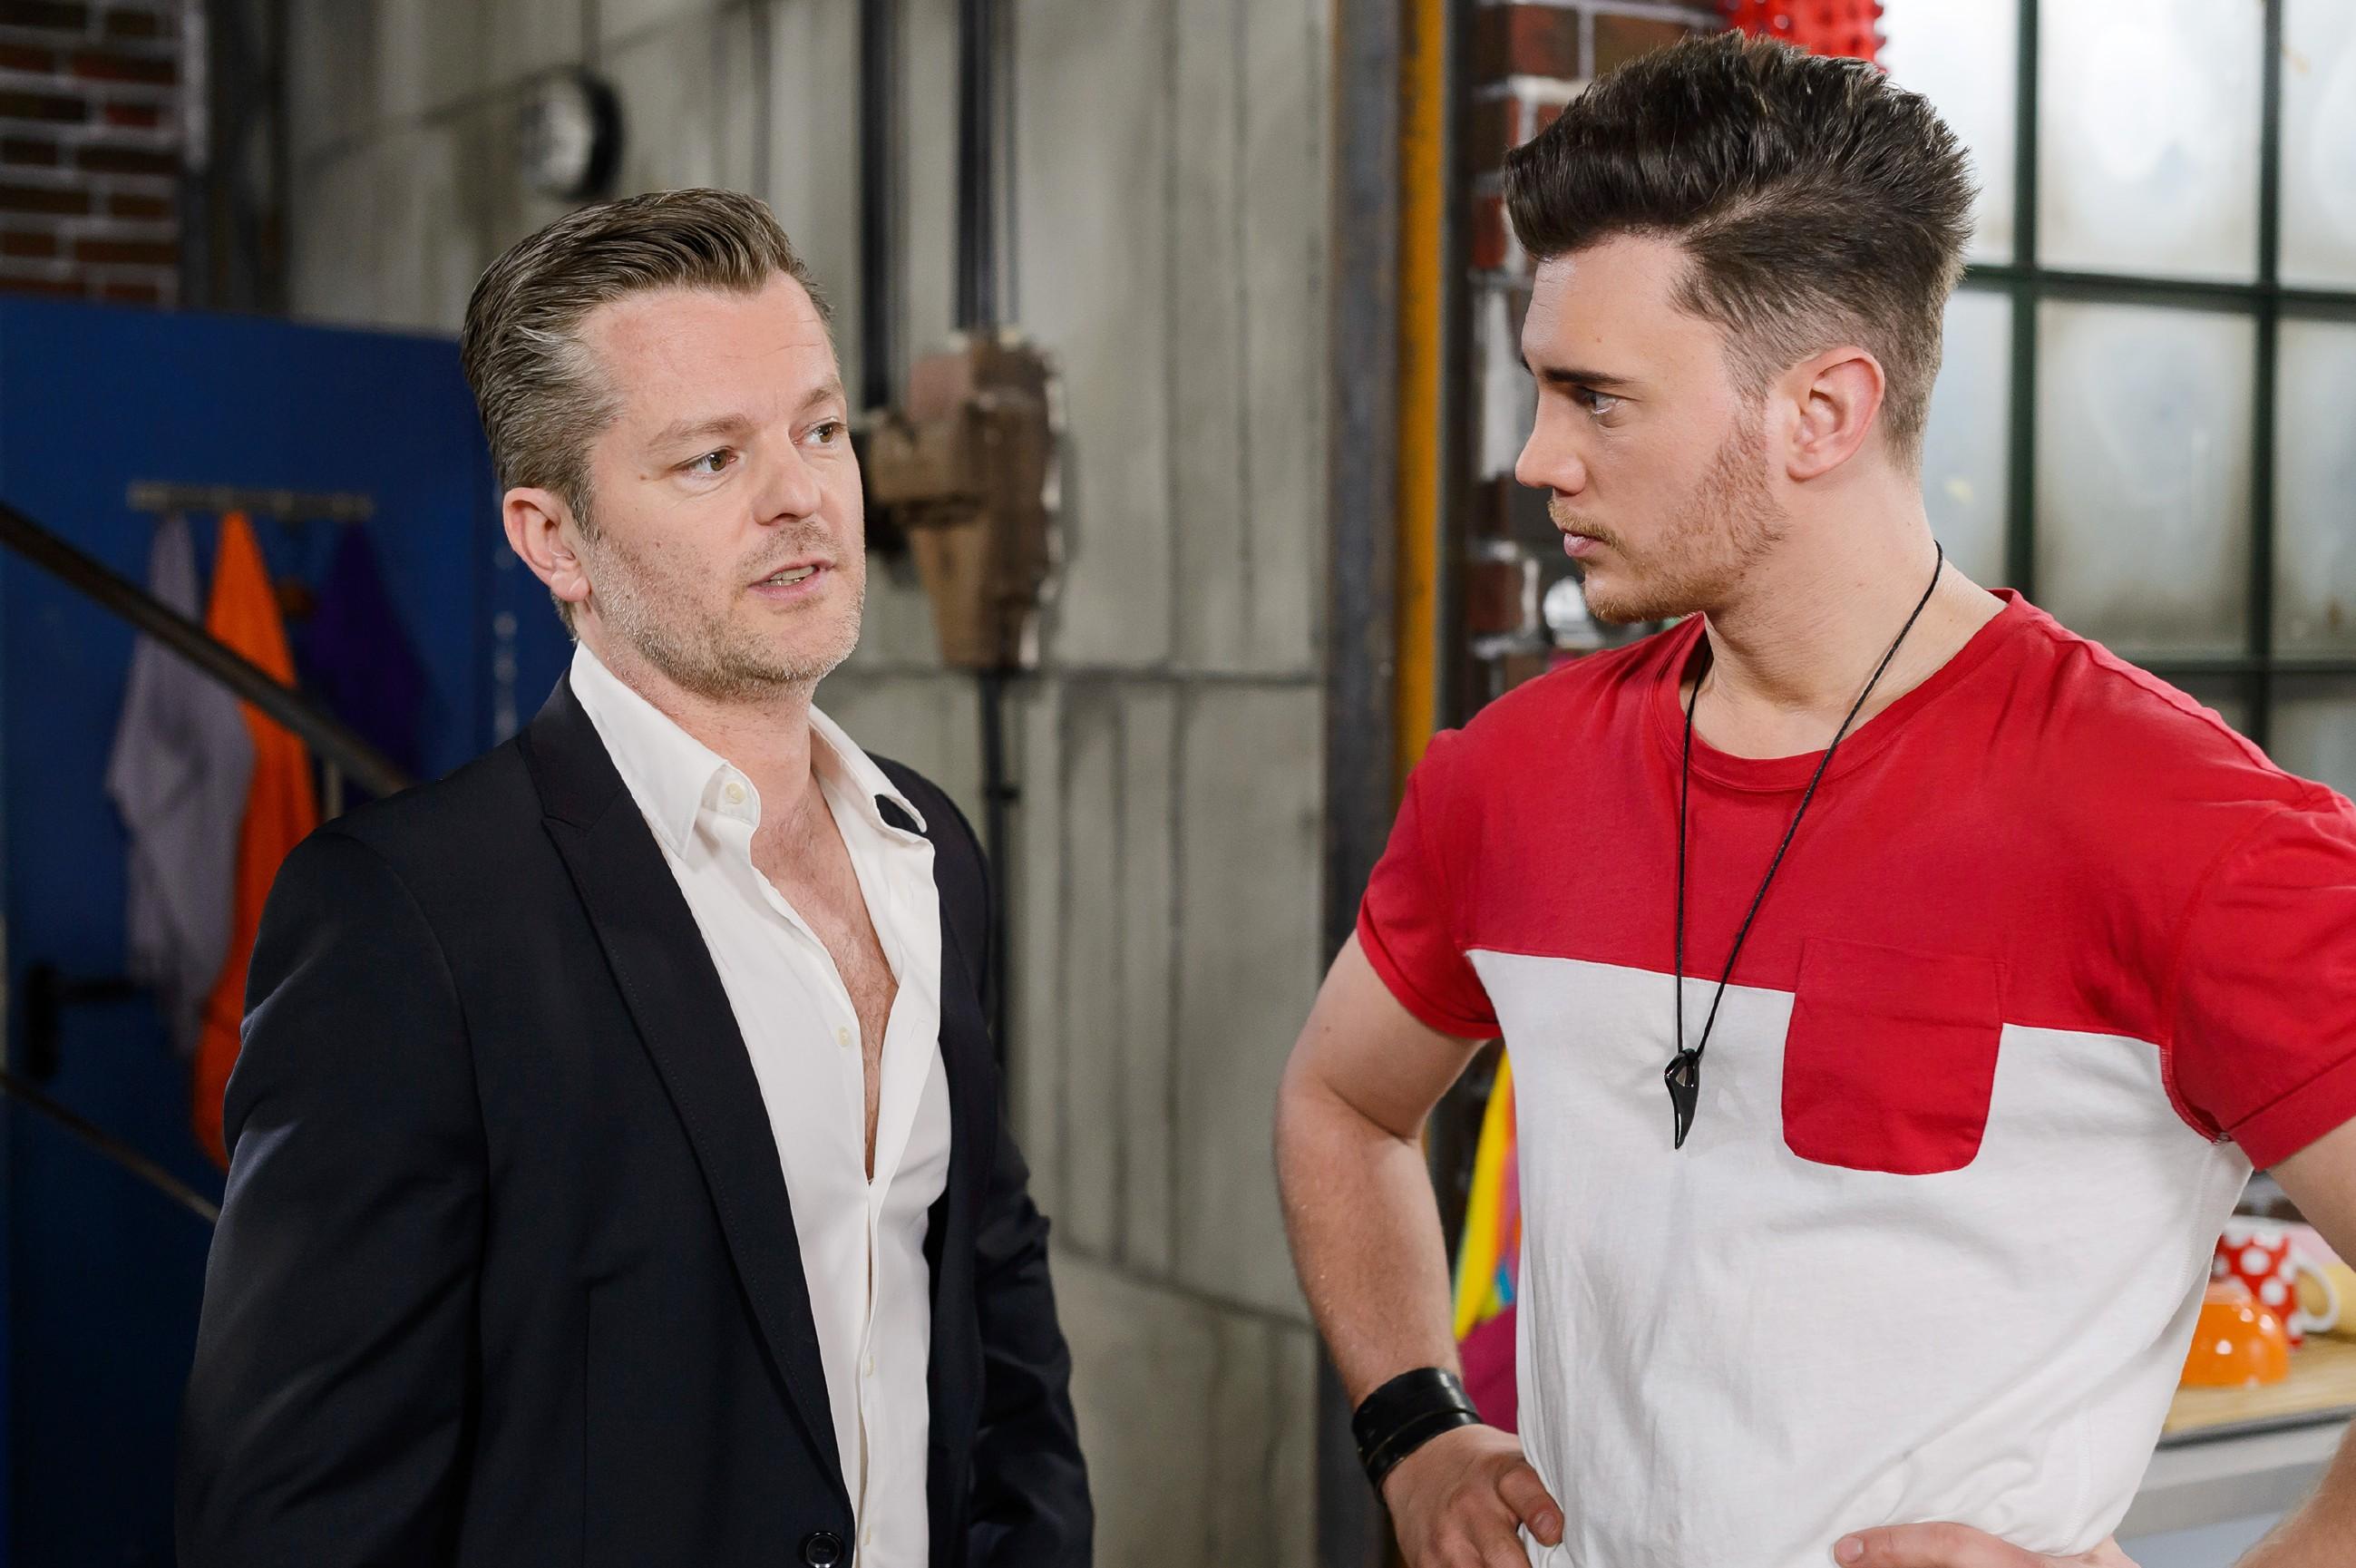 Ingo (André Dietz, l.) zeigt sich gegenüber Ronny (Bela Klentze) entschlossen, um seinen Traum zu kämpfen. (Quelle: Foto: RTL / Willi Weber)